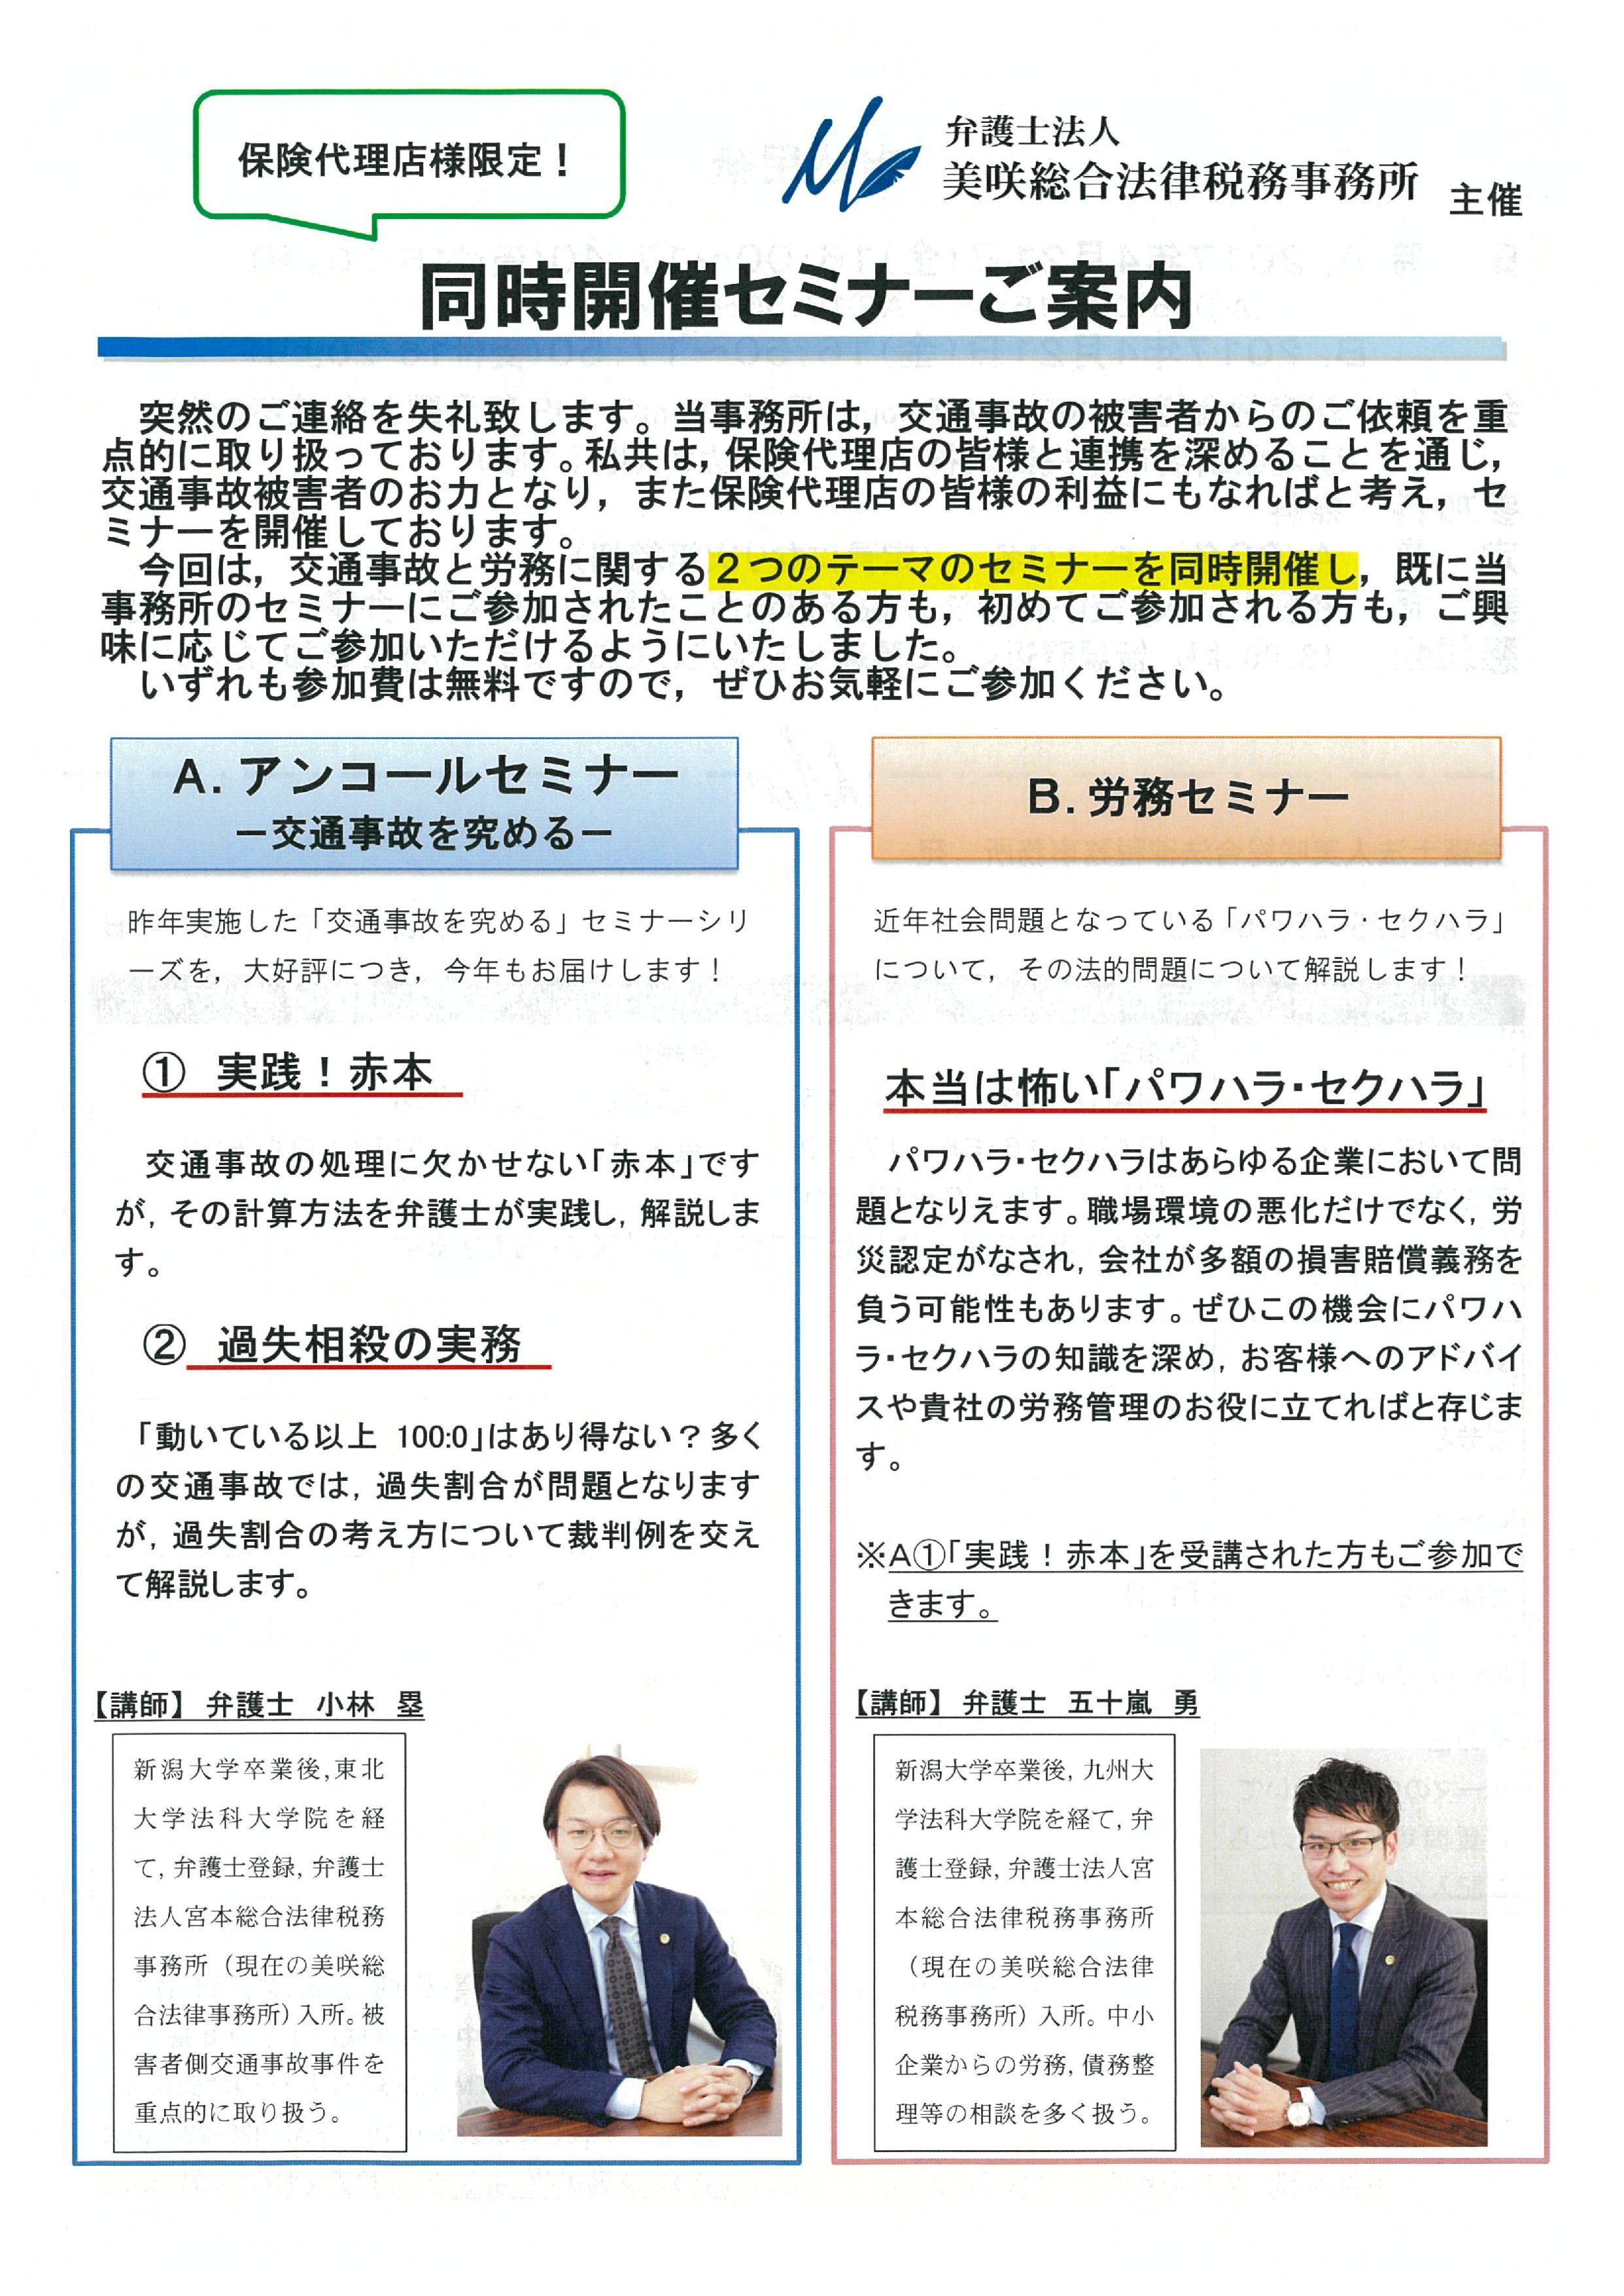 20170421保険代理店セミナー.jpg